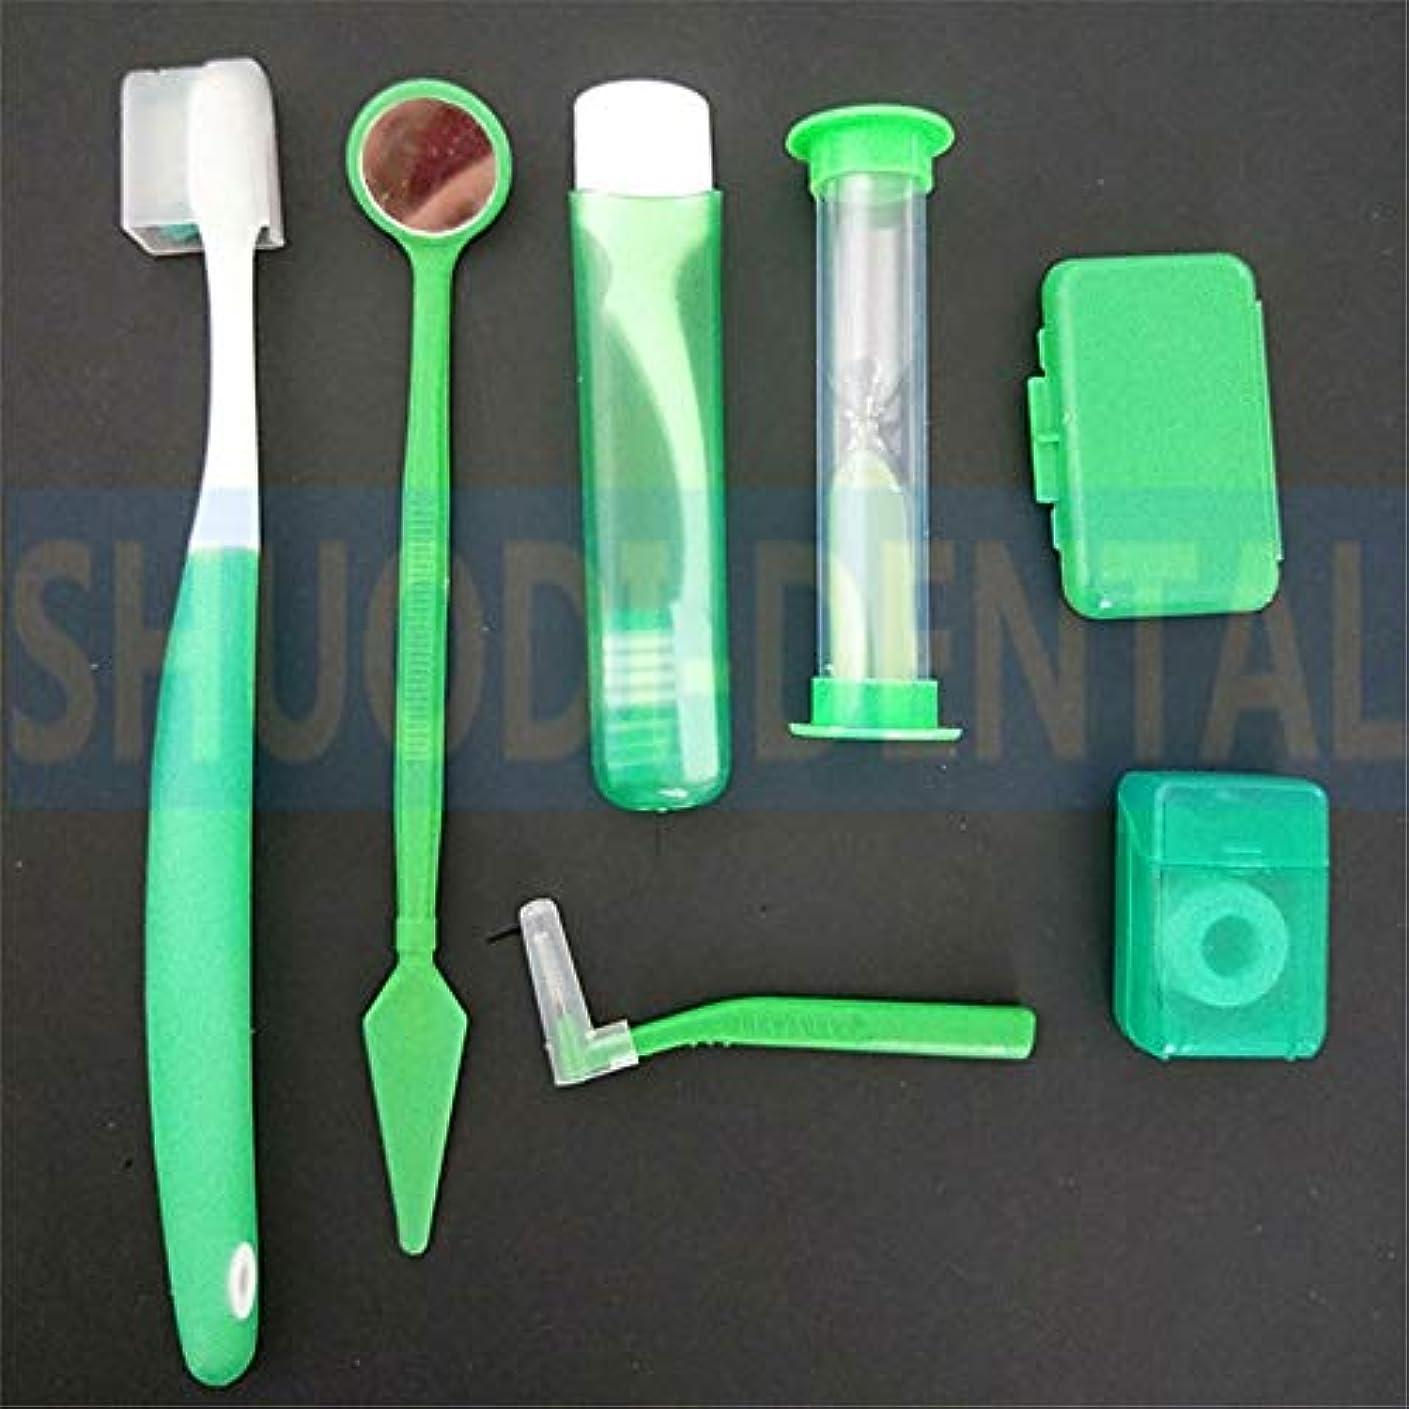 光沢のあるハイランドエトナ山ZHQI-HEAL 7個/セット歯科用歯列キットオーラルクリーニングケアフロス糸口ミラーホワイトニングツール082 (色 : Green)